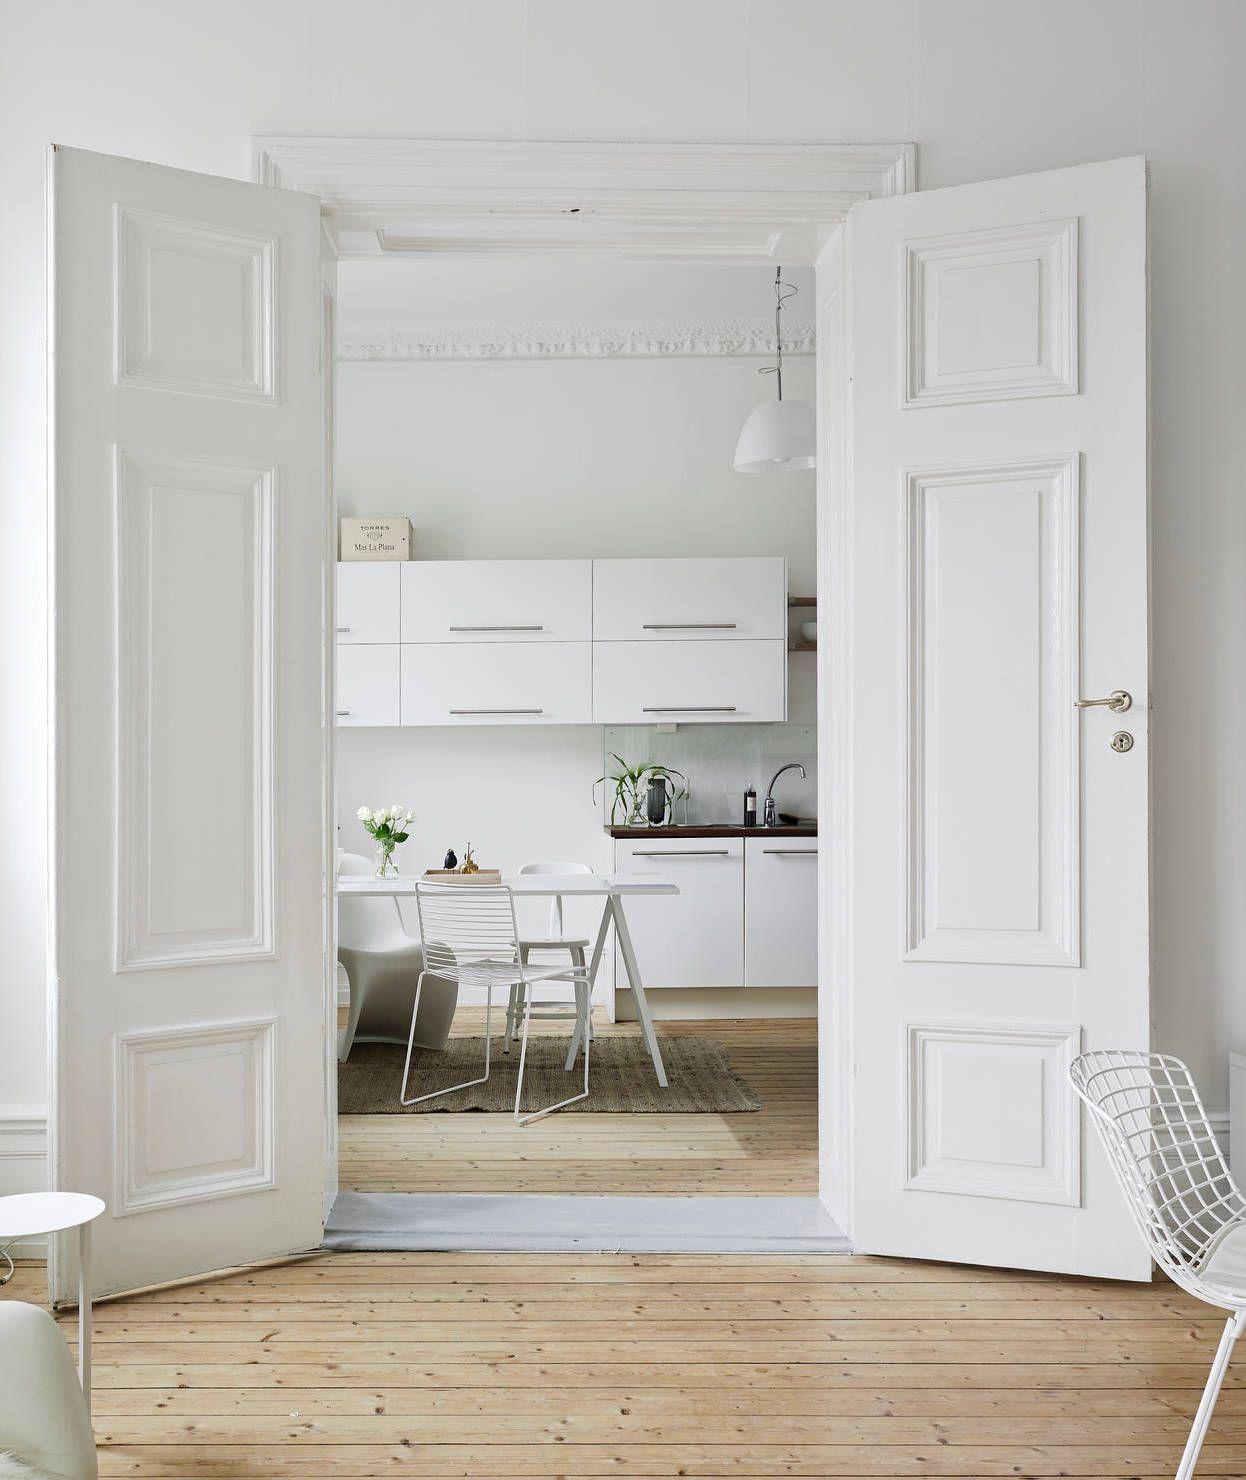 pin von maria schulenburg auf kitchen diningroom pinterest dielenboden k che und t ren. Black Bedroom Furniture Sets. Home Design Ideas